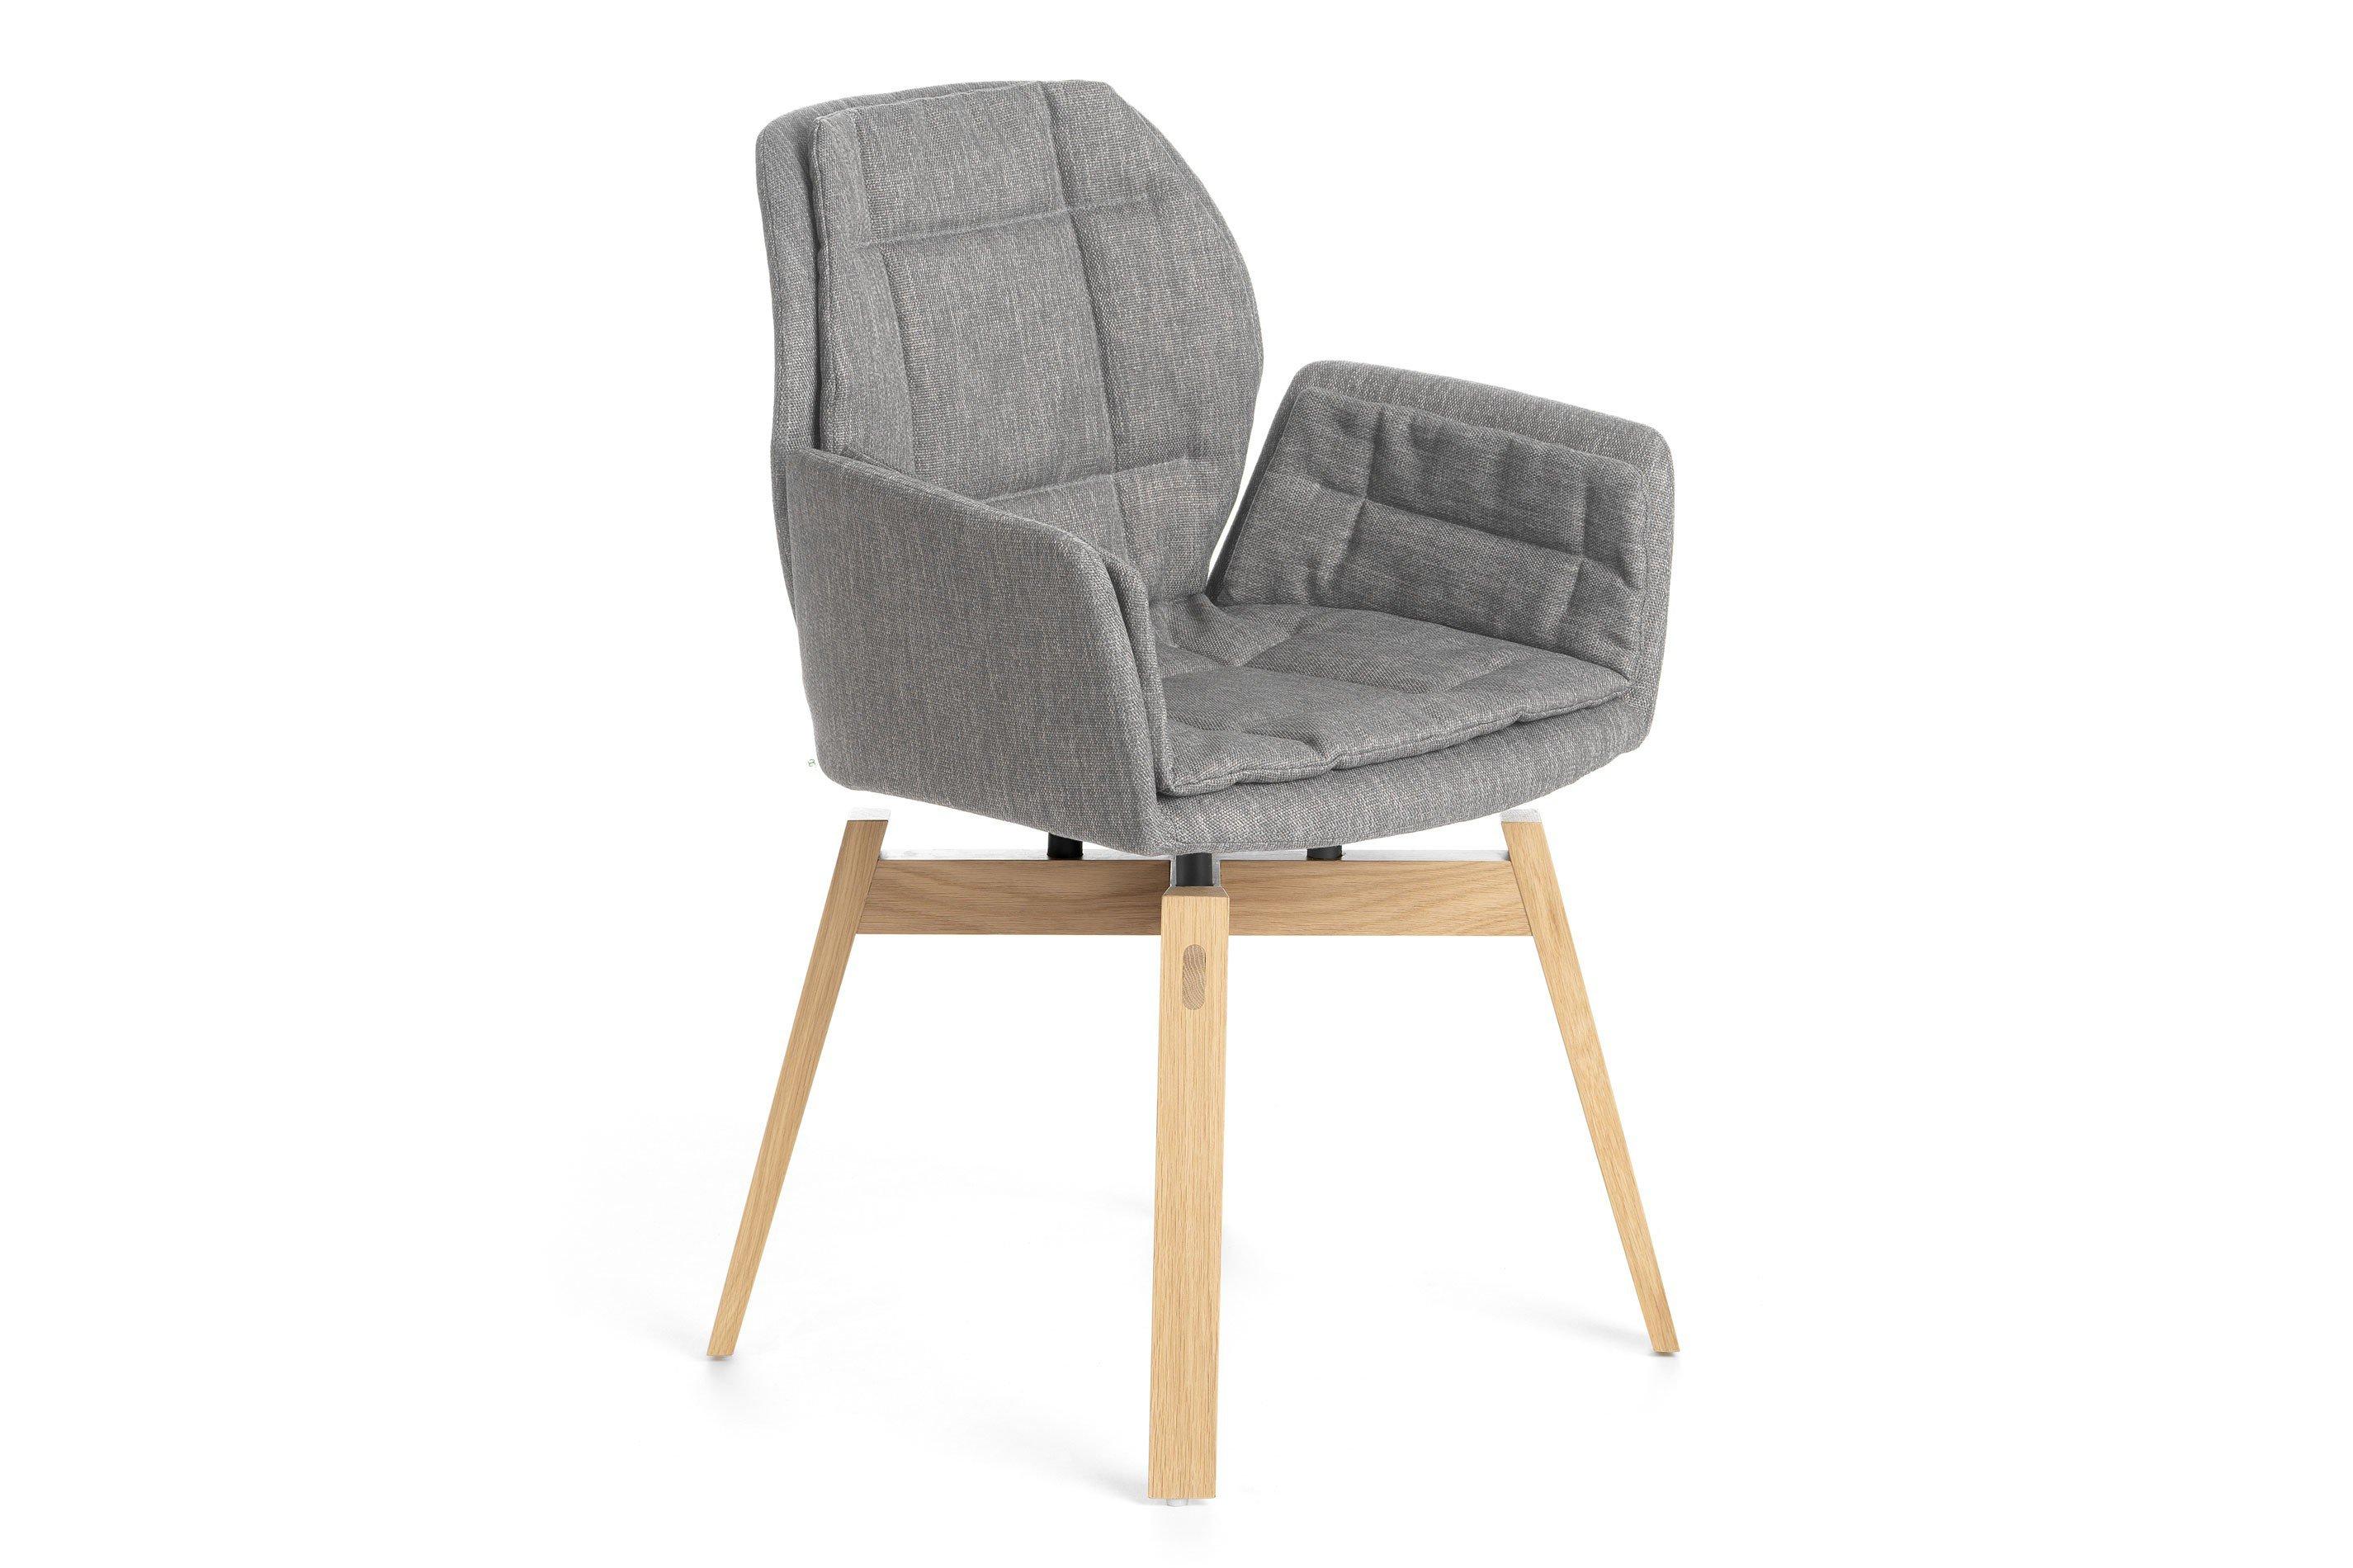 mobitec stuhl mood 98 uni eiche grey m bel letz ihr online shop. Black Bedroom Furniture Sets. Home Design Ideas